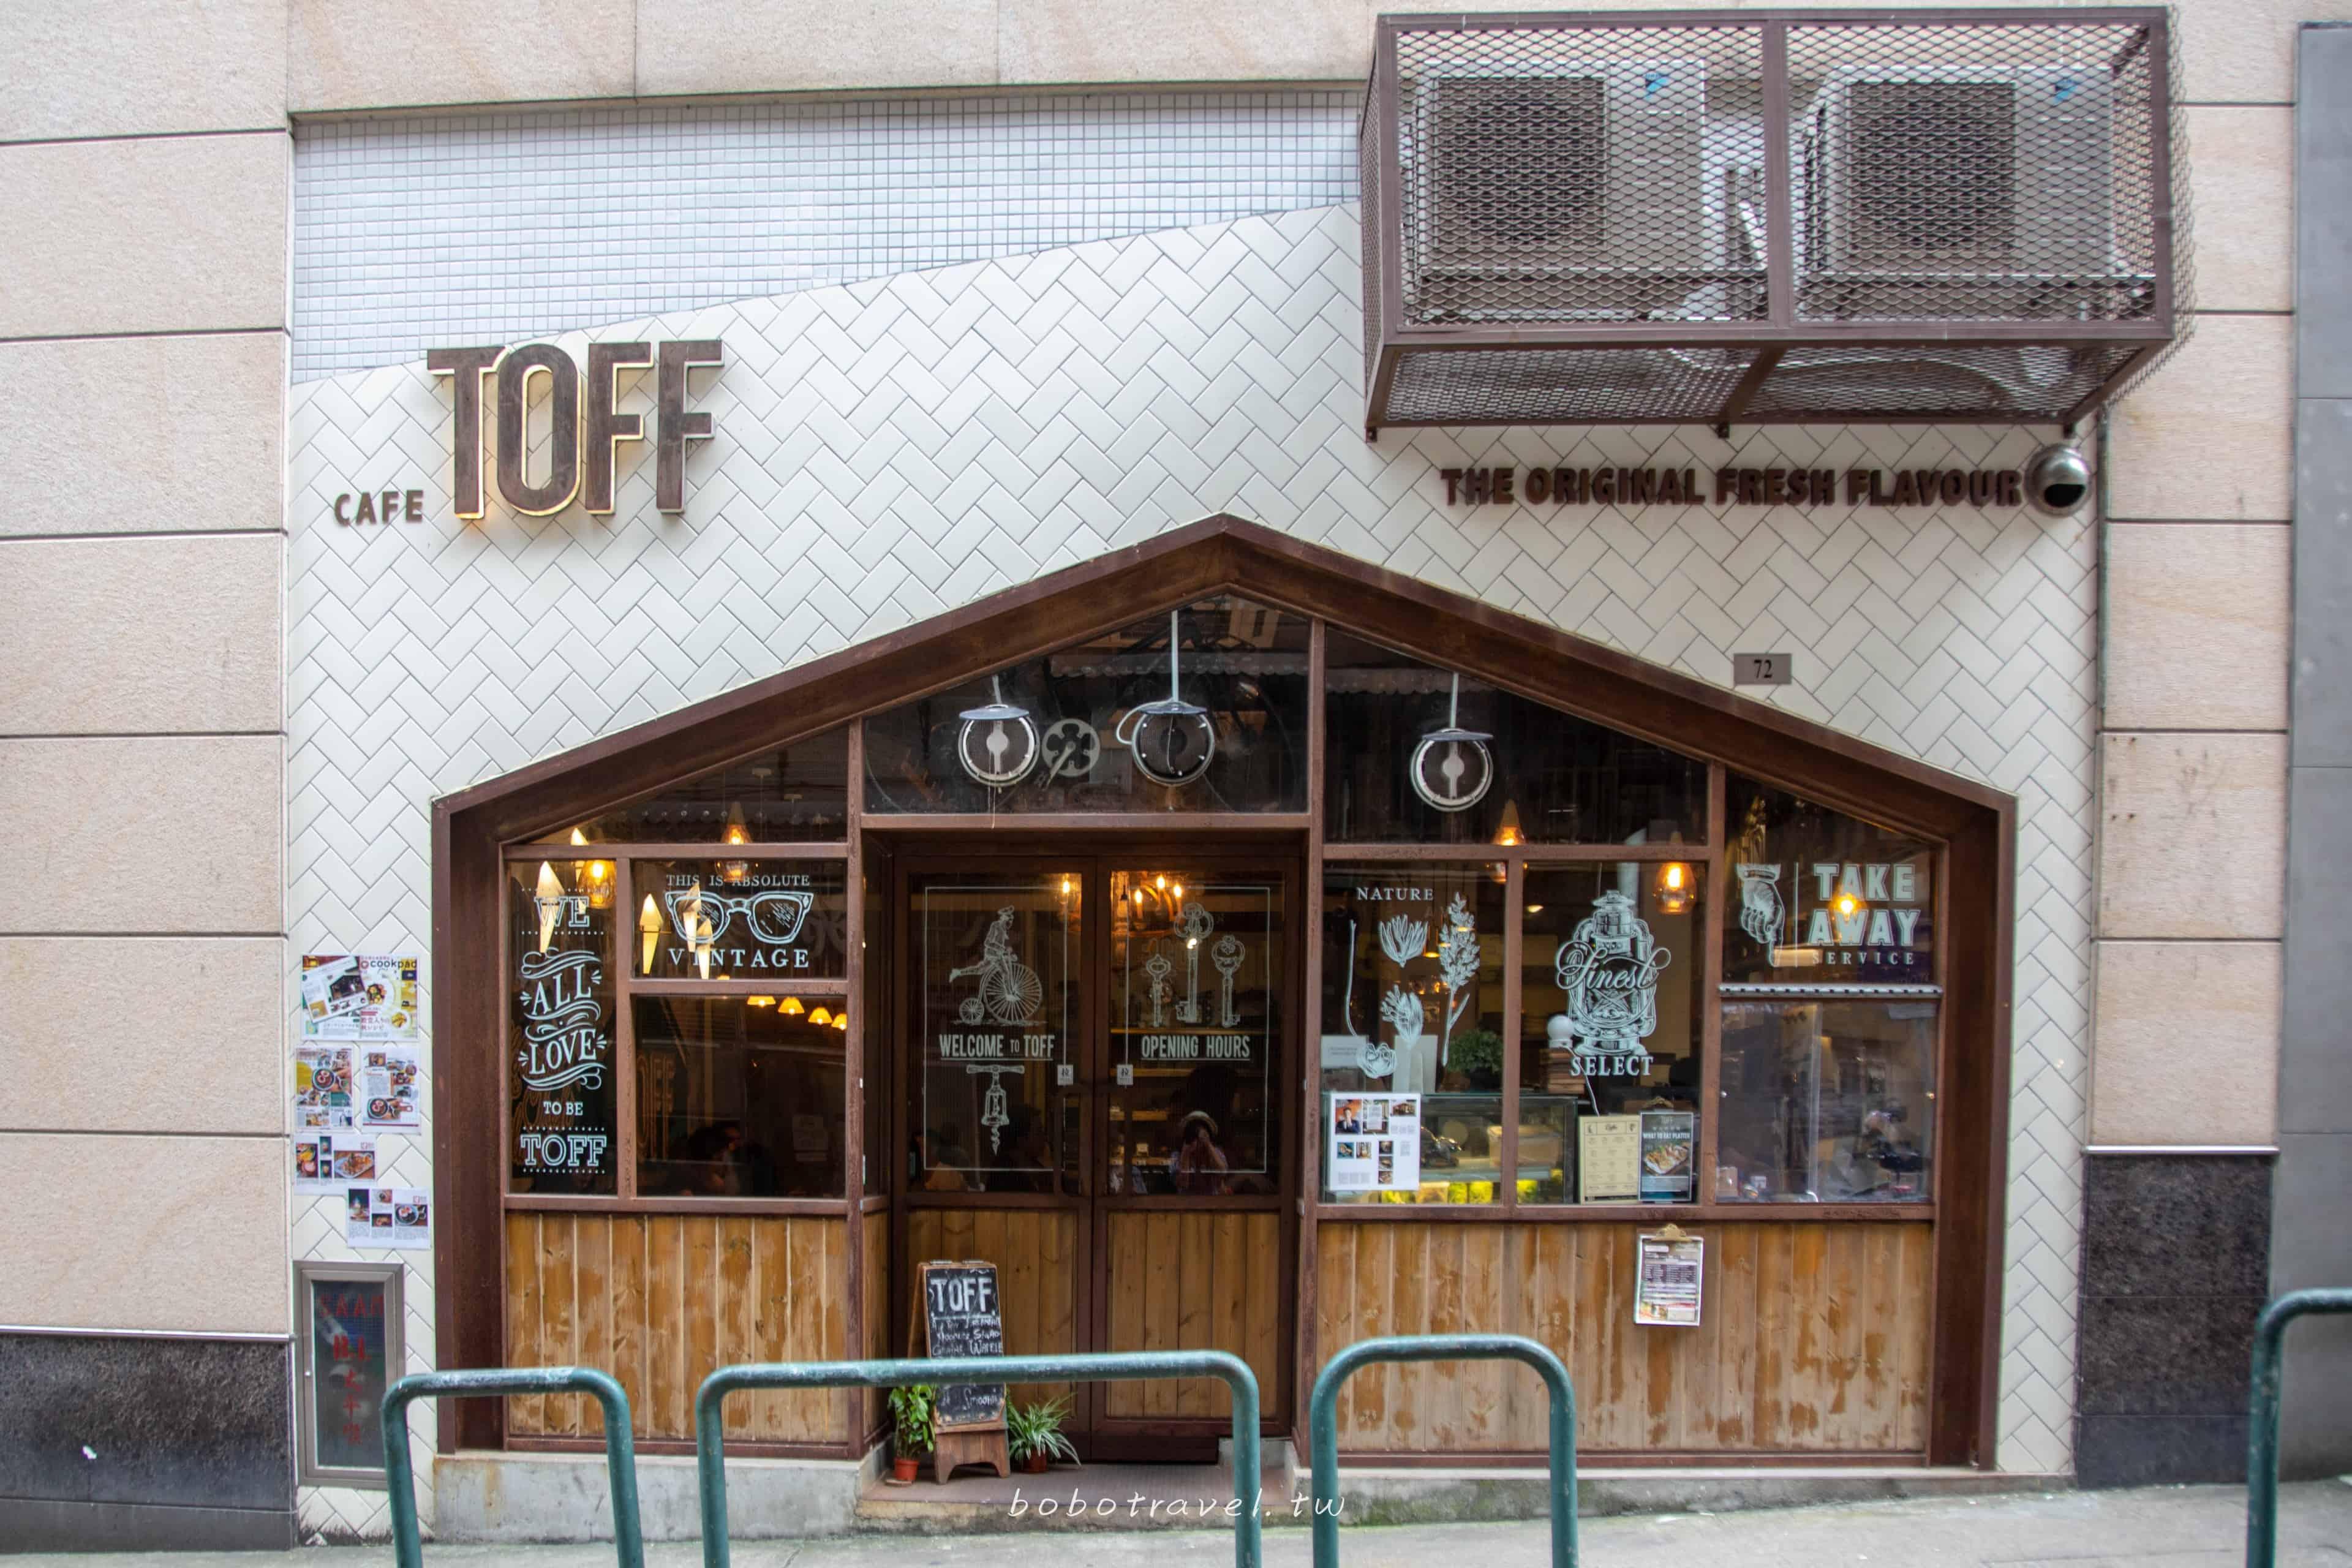 澳門咖啡廳、TOFF CAFE  樽樽湯麵是招牌,適合拍照的北歐風文青咖啡店